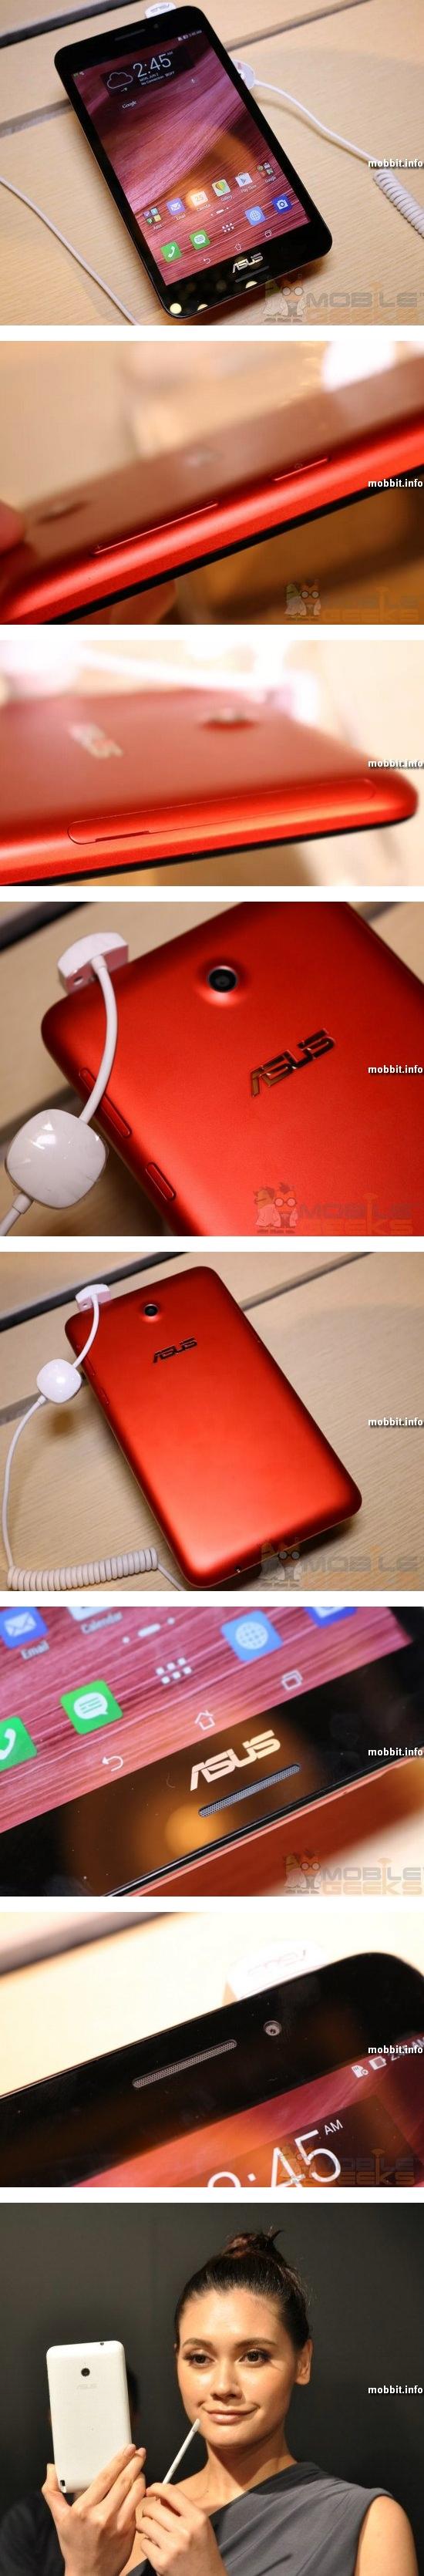 Asus Fonepad 7 и Fonepad 8